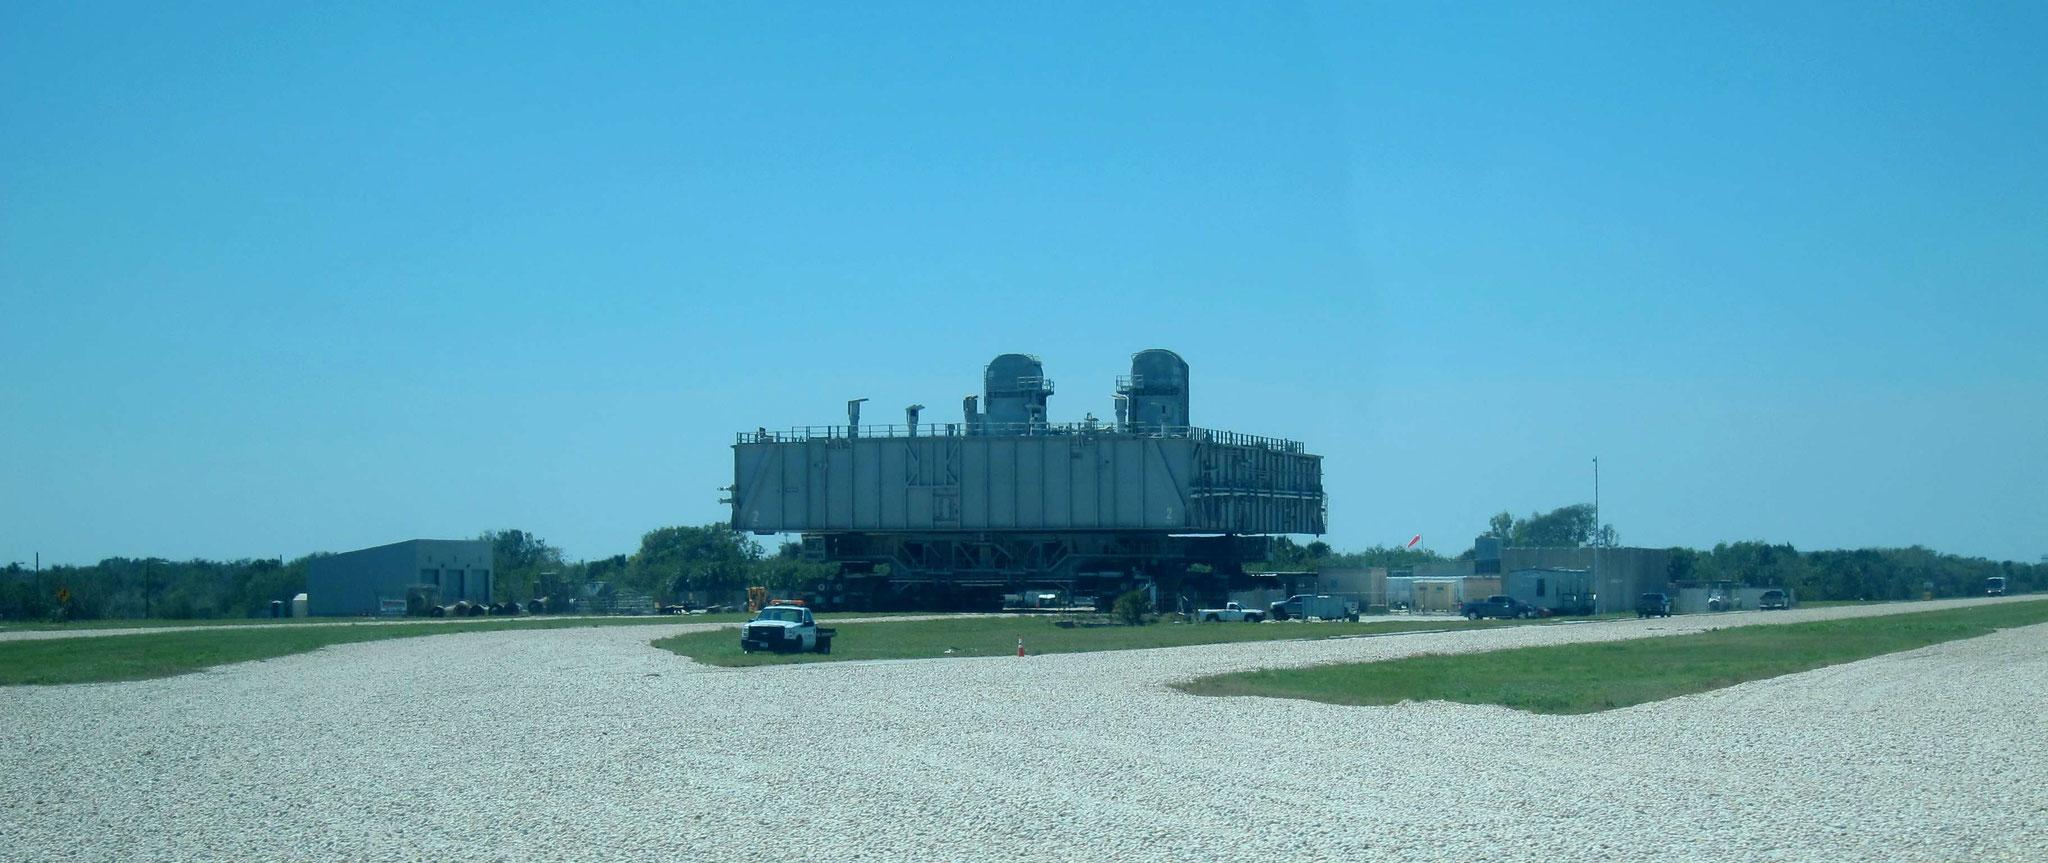 Ein Crawler - eine Transportraupe für Raketen oder früher für die Shuttlesysteme